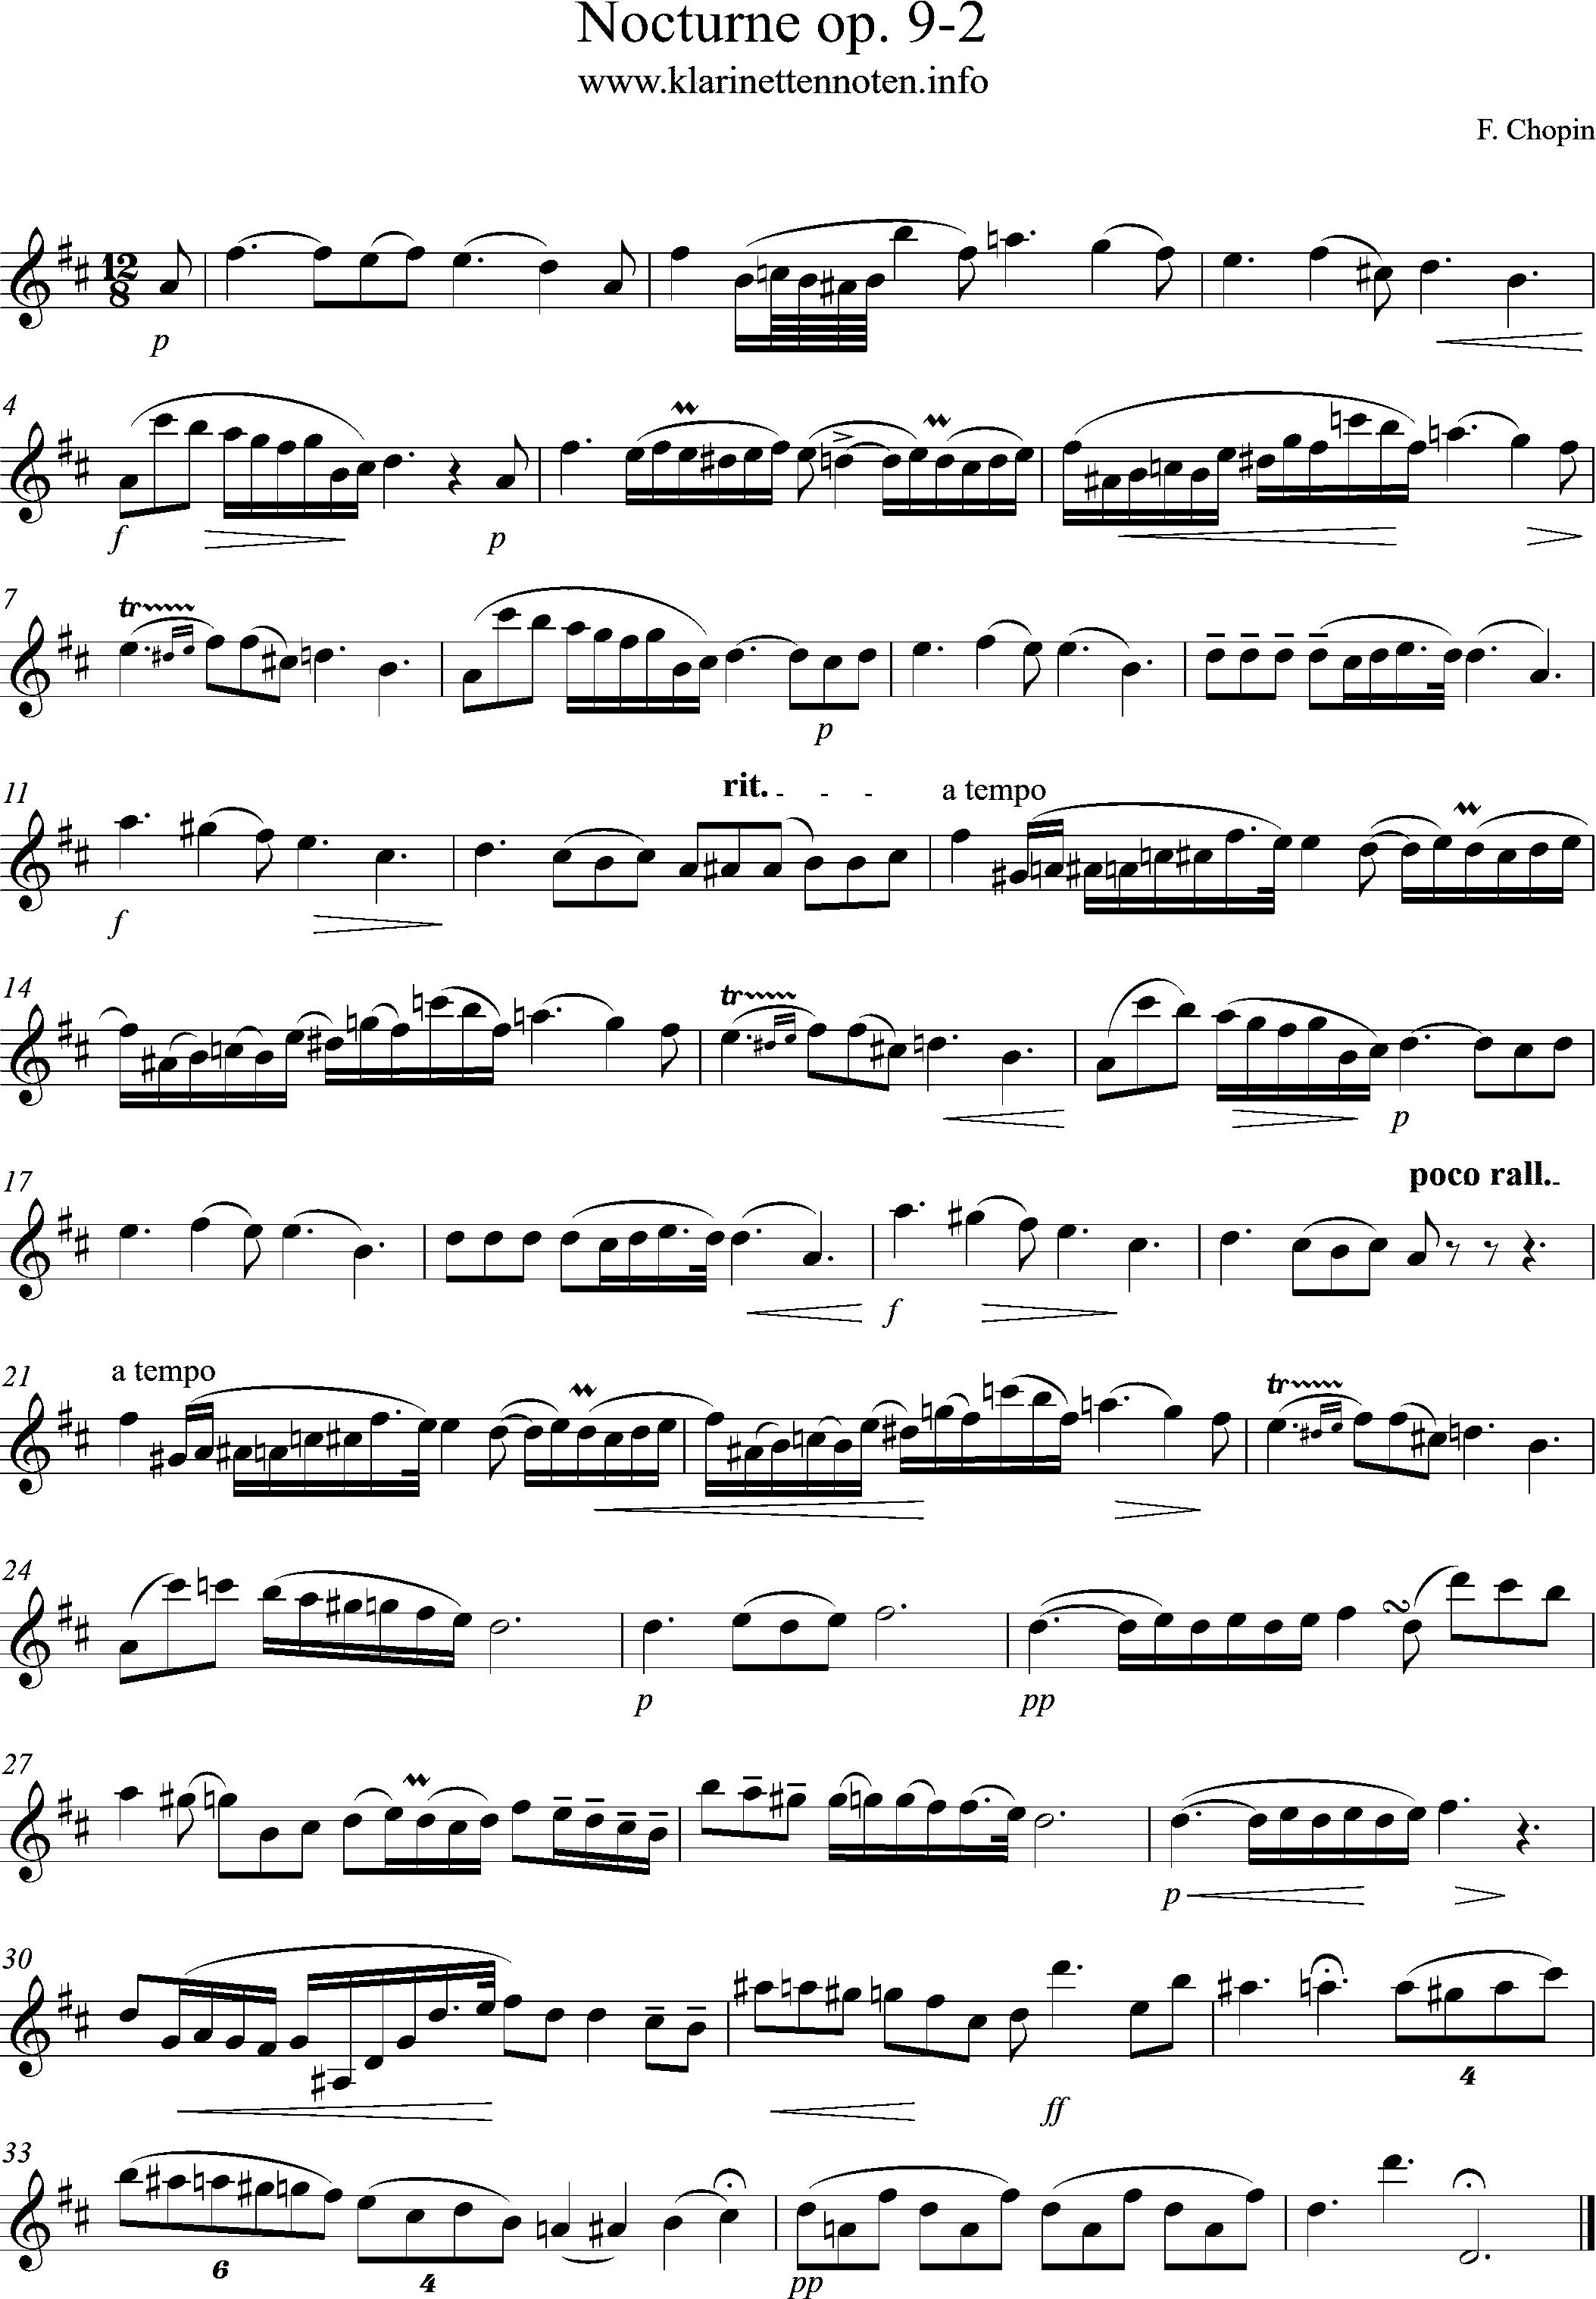 Chopin, Nocturne